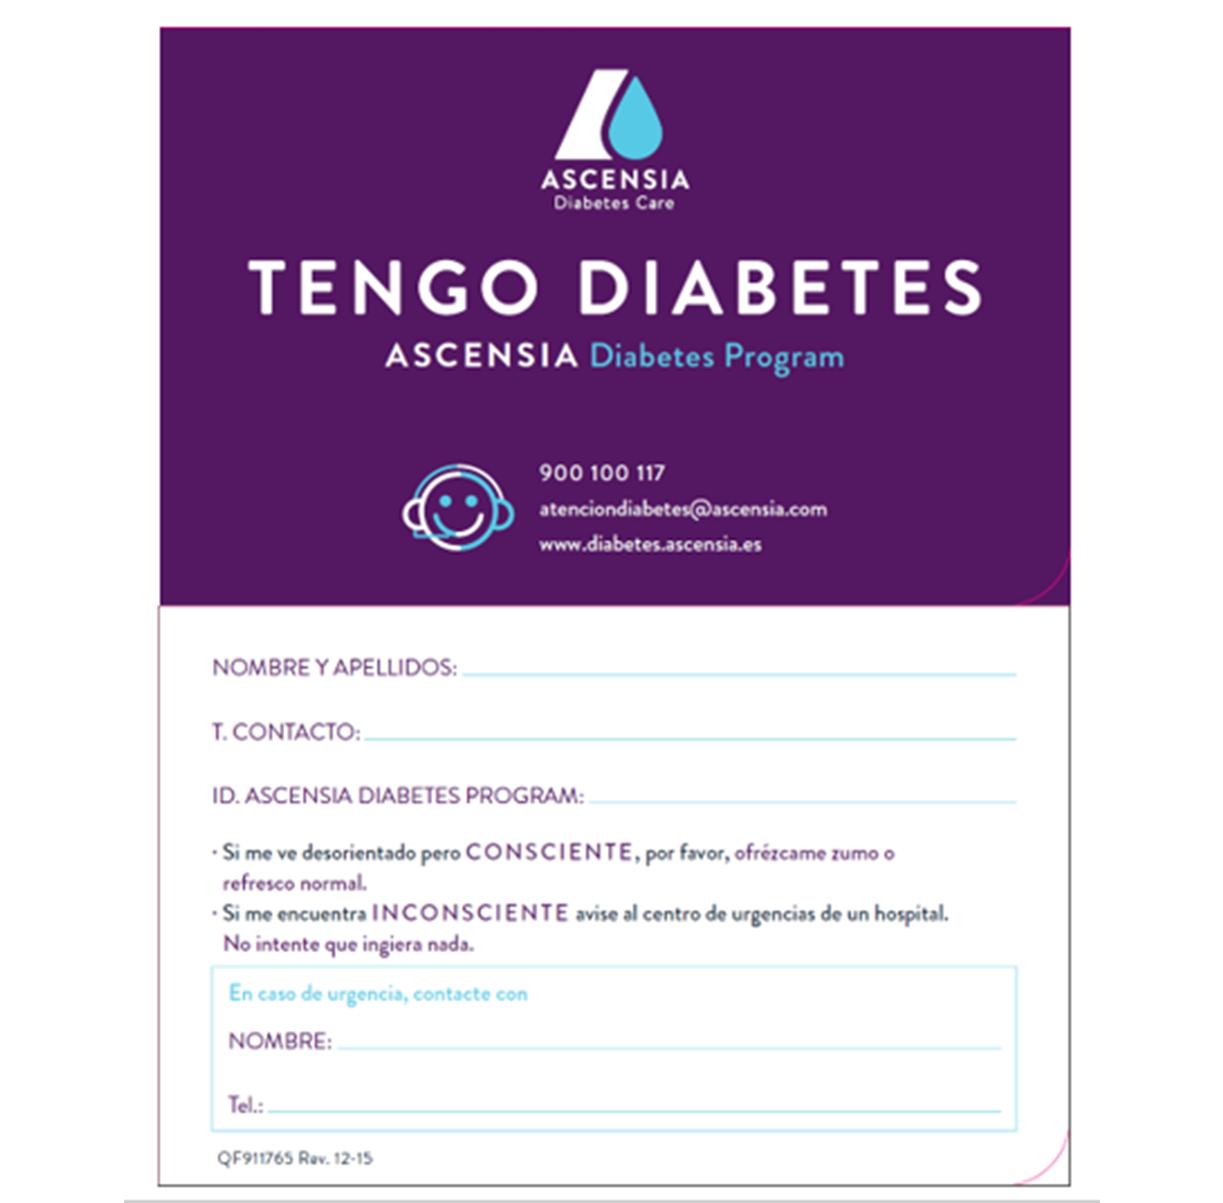 tenencias para el cuidado de la diabetes ascensia